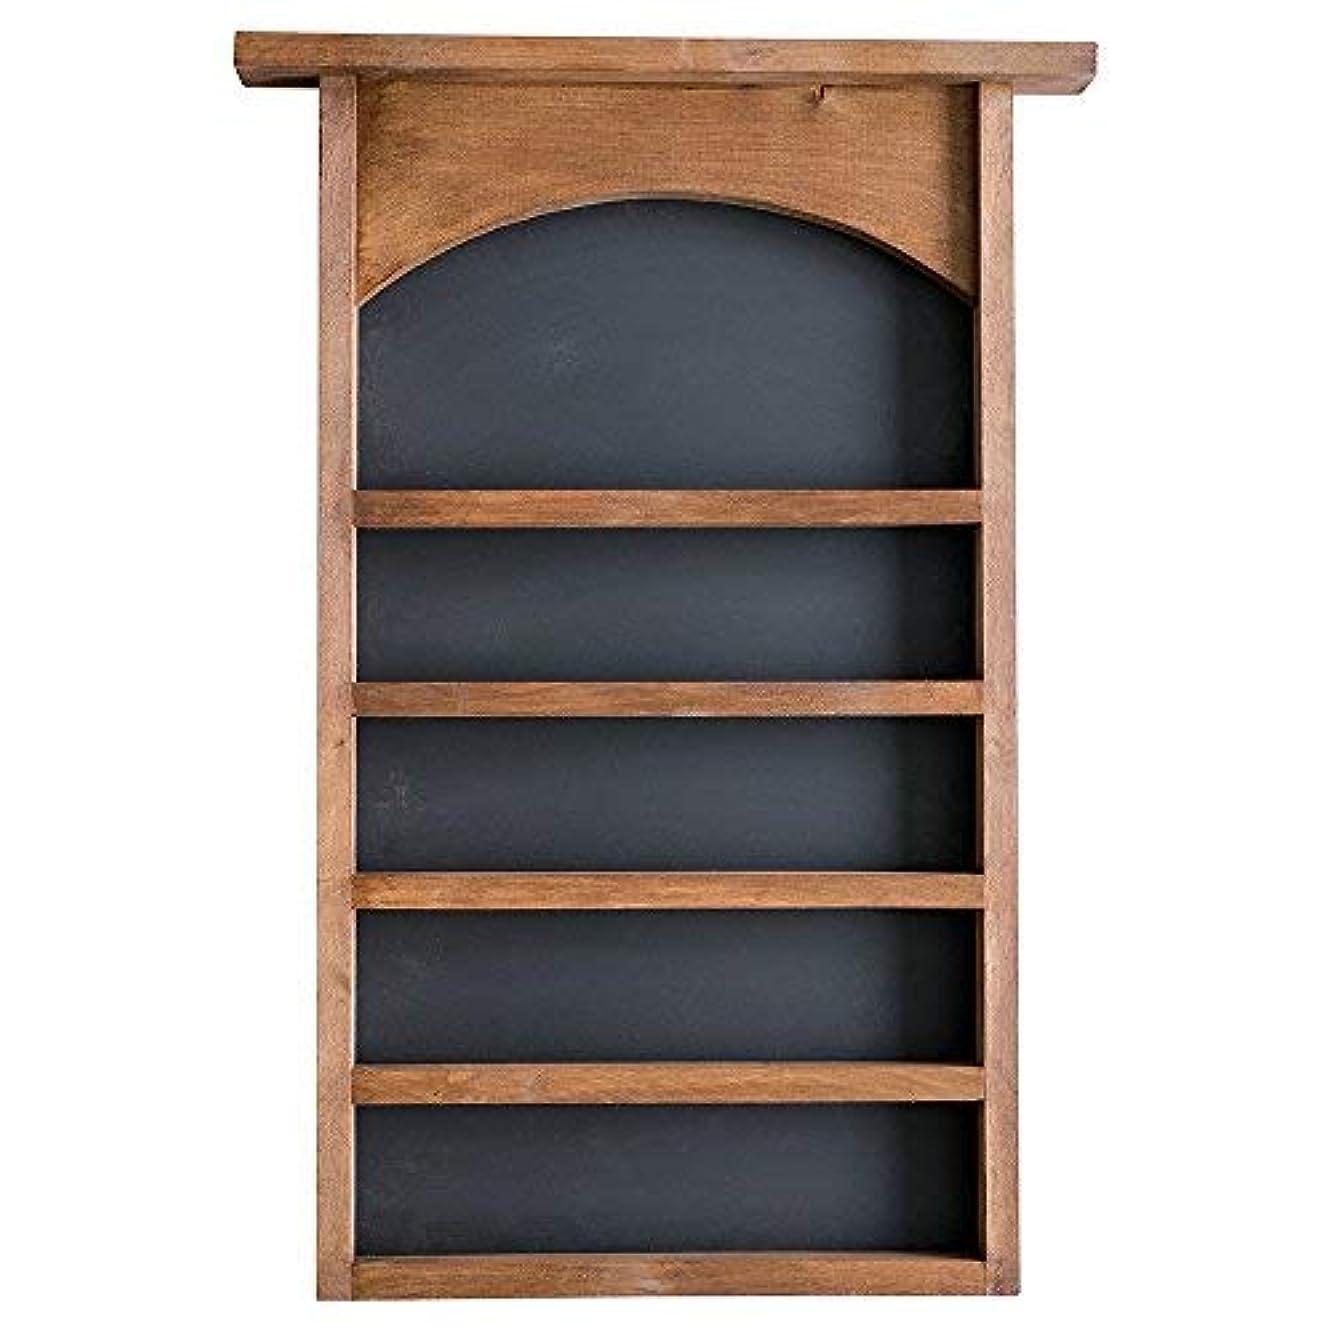 例示する人里離れたセラフEssential Oil表示シェルフと黒板Back |ソリッド木製|壁マウント| Modernファームハウス装飾| 30 x 18.5インチ